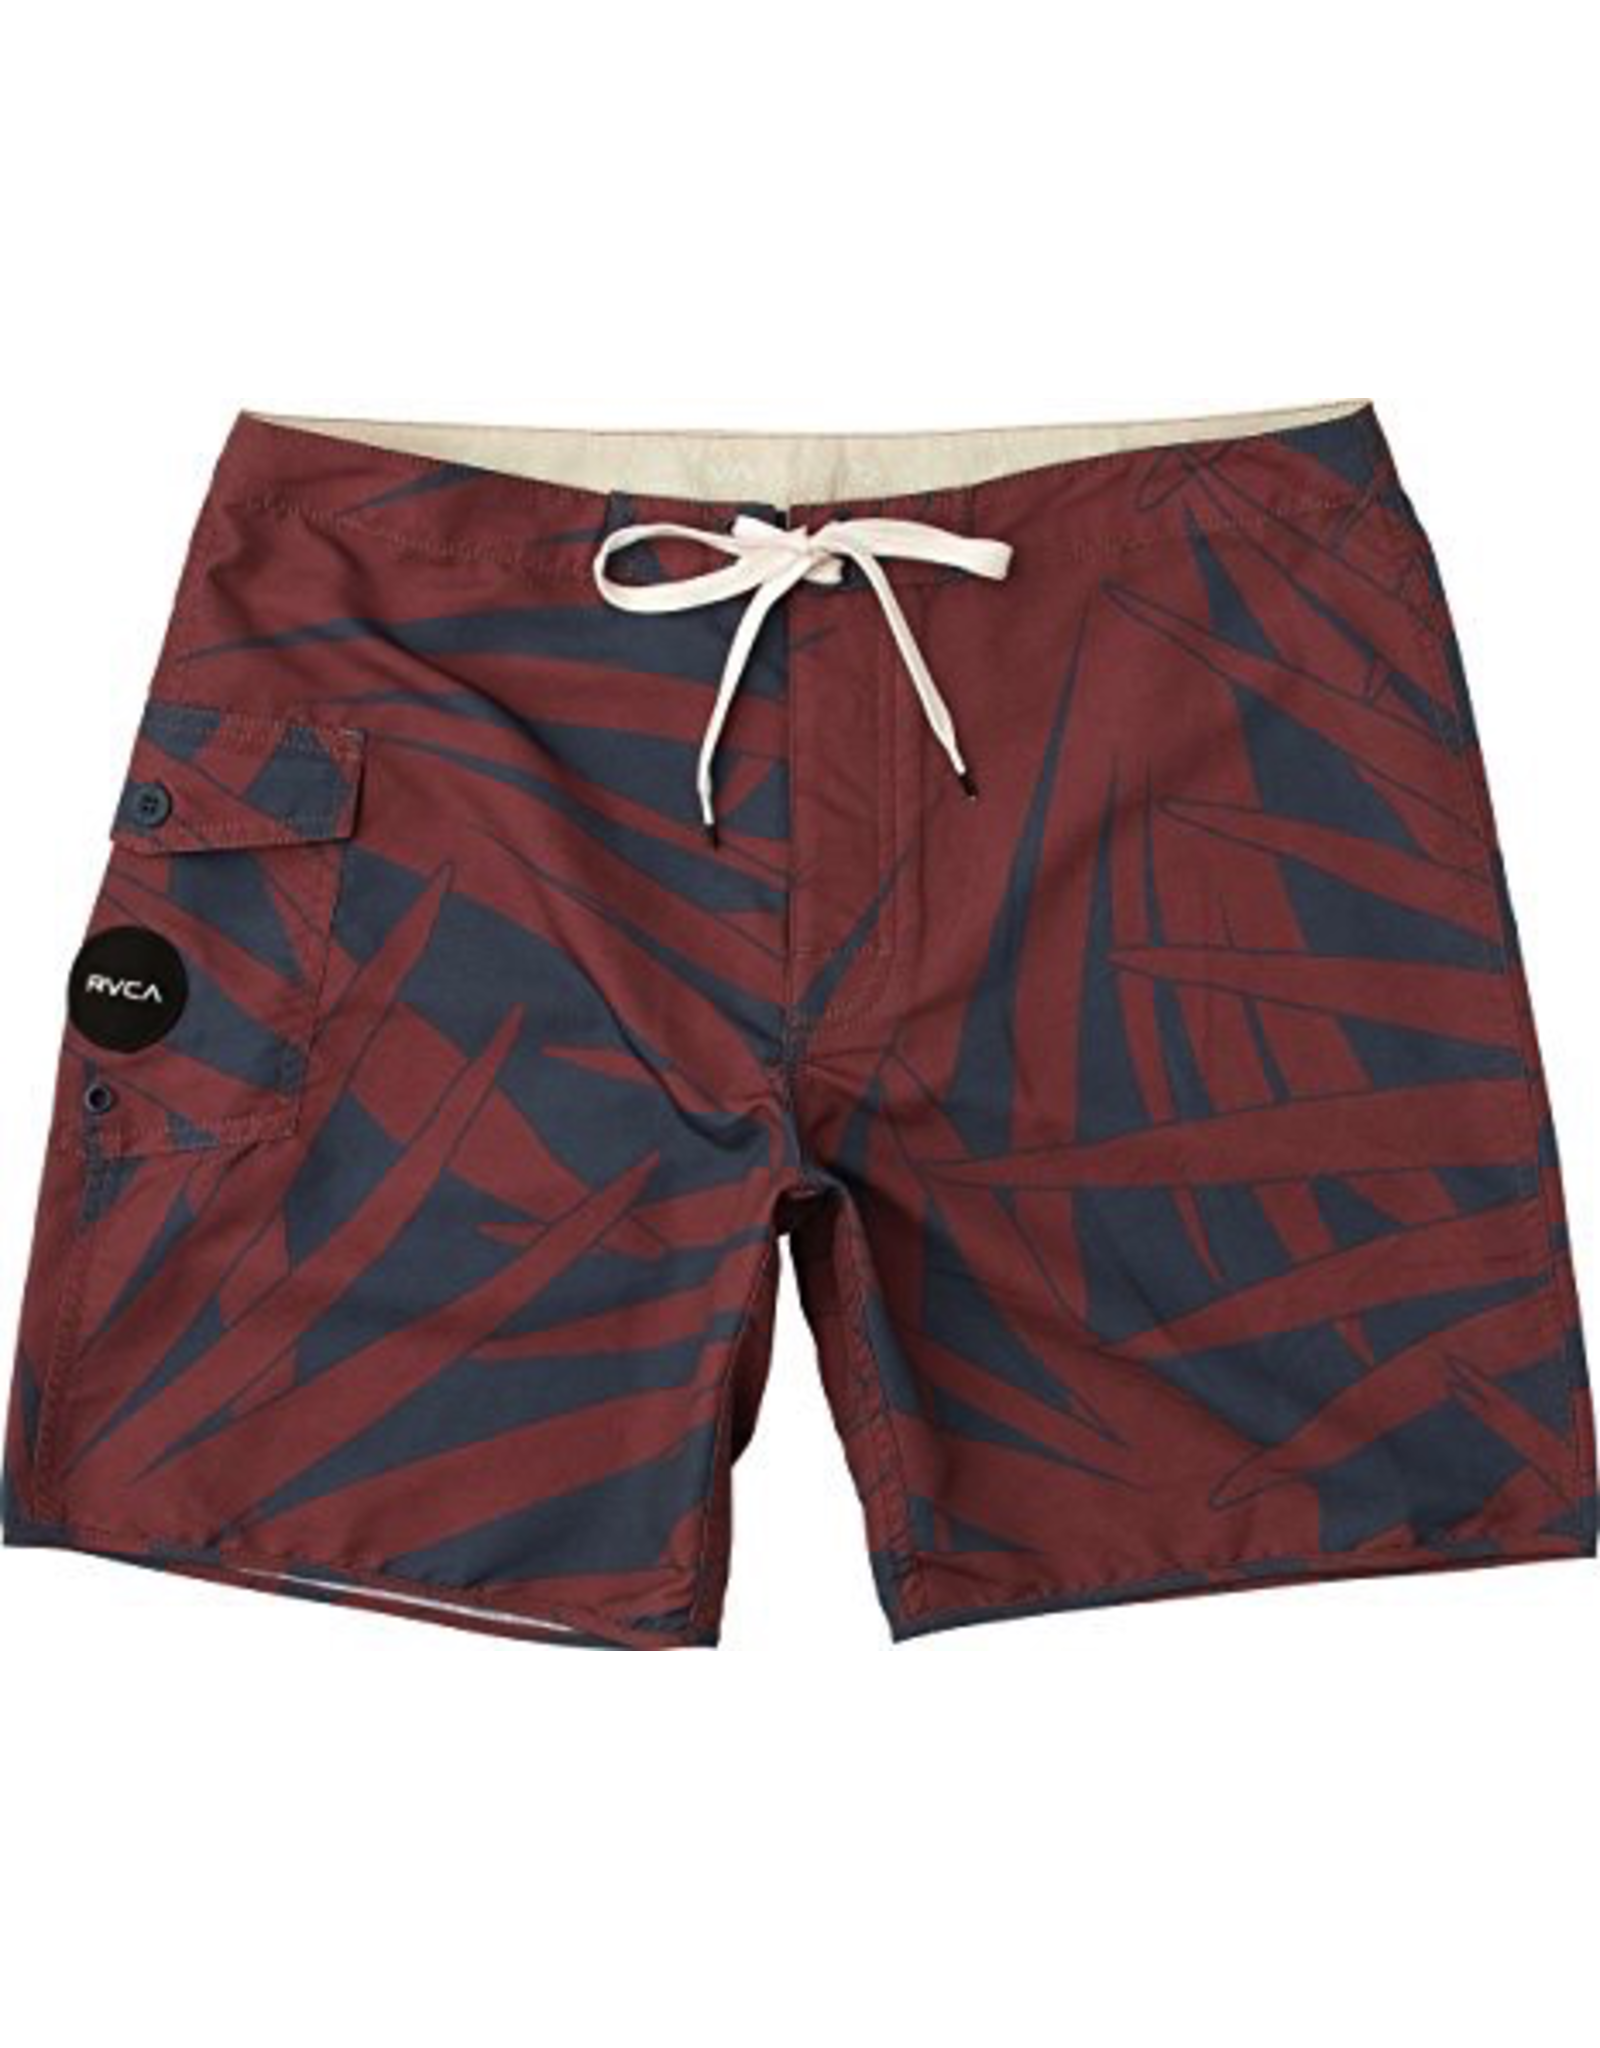 RVCA Dayoh Trunk Swimsuit